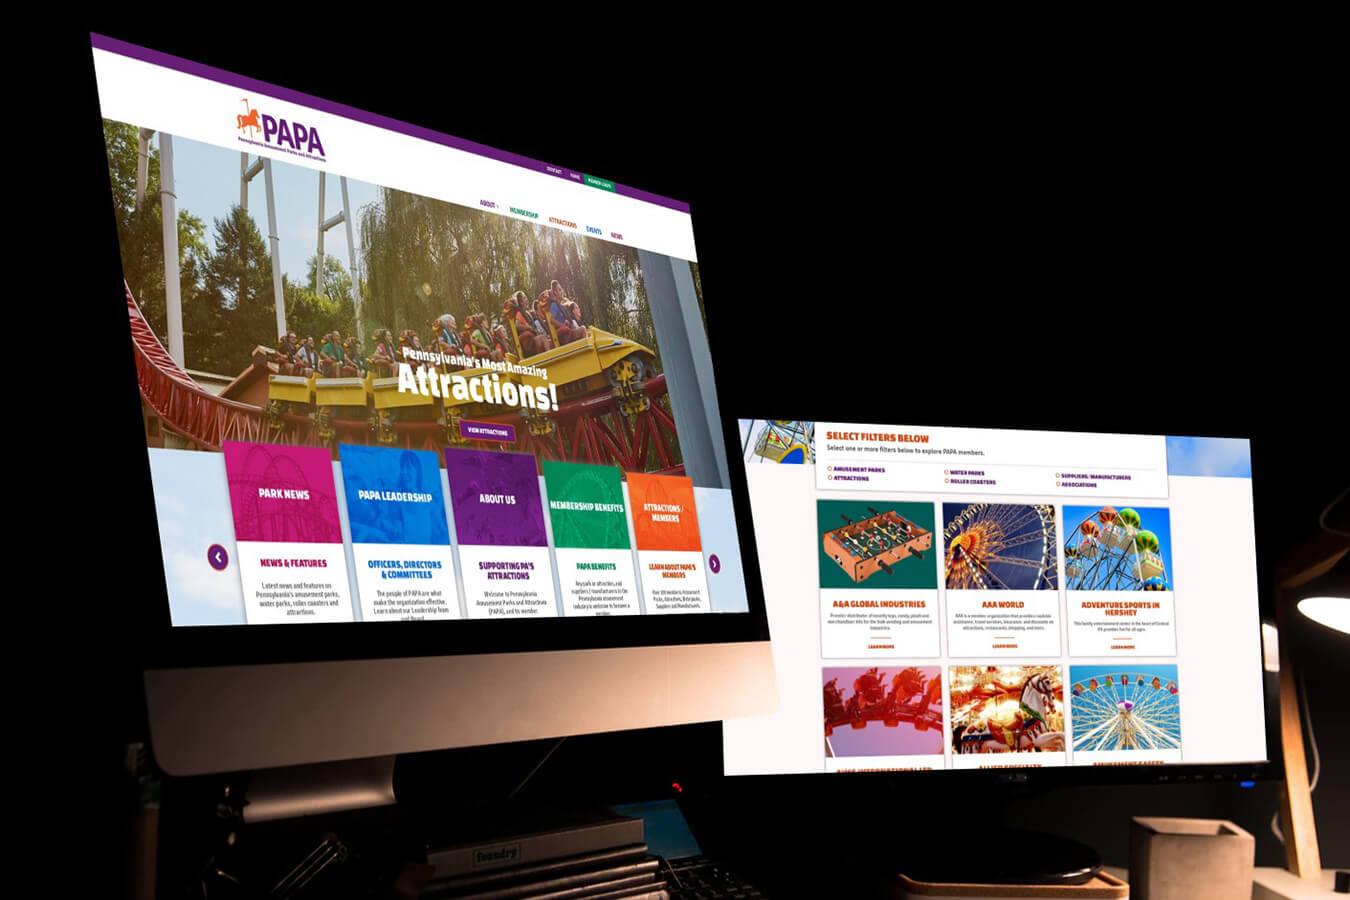 PA Amusement Parks Association website